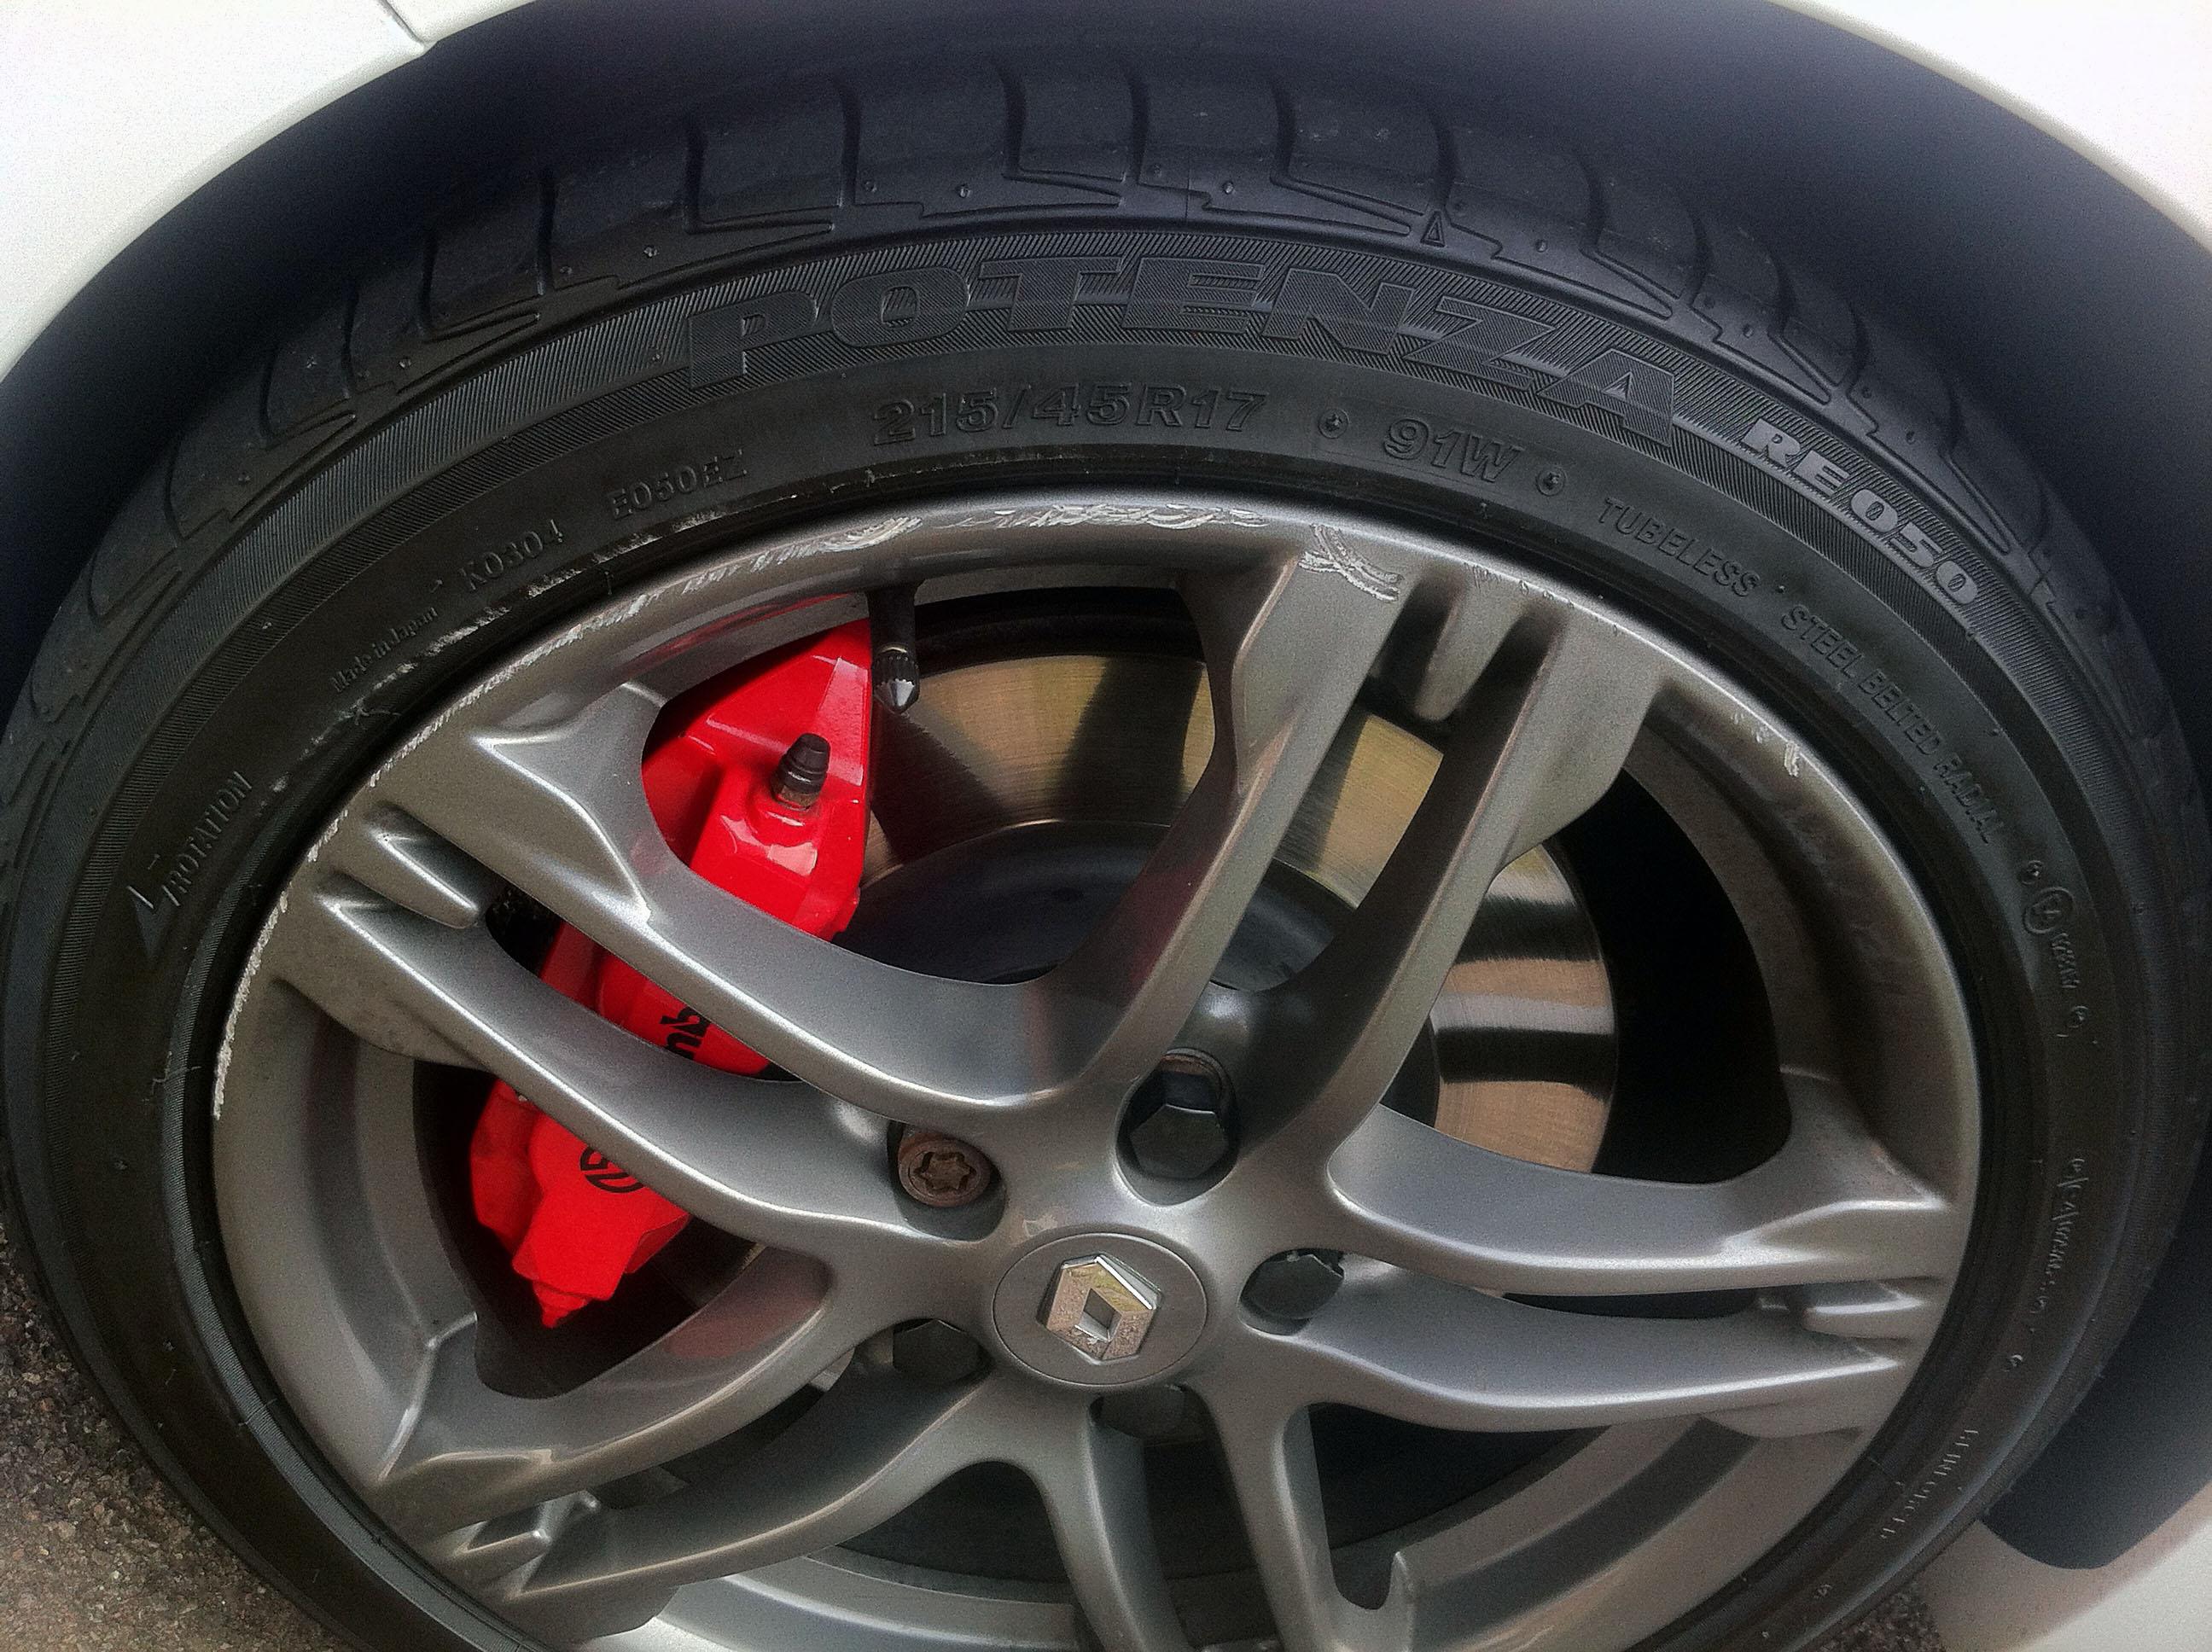 Kerbed Alloy Wheel Repair And Refurbishment Alloy Wheel